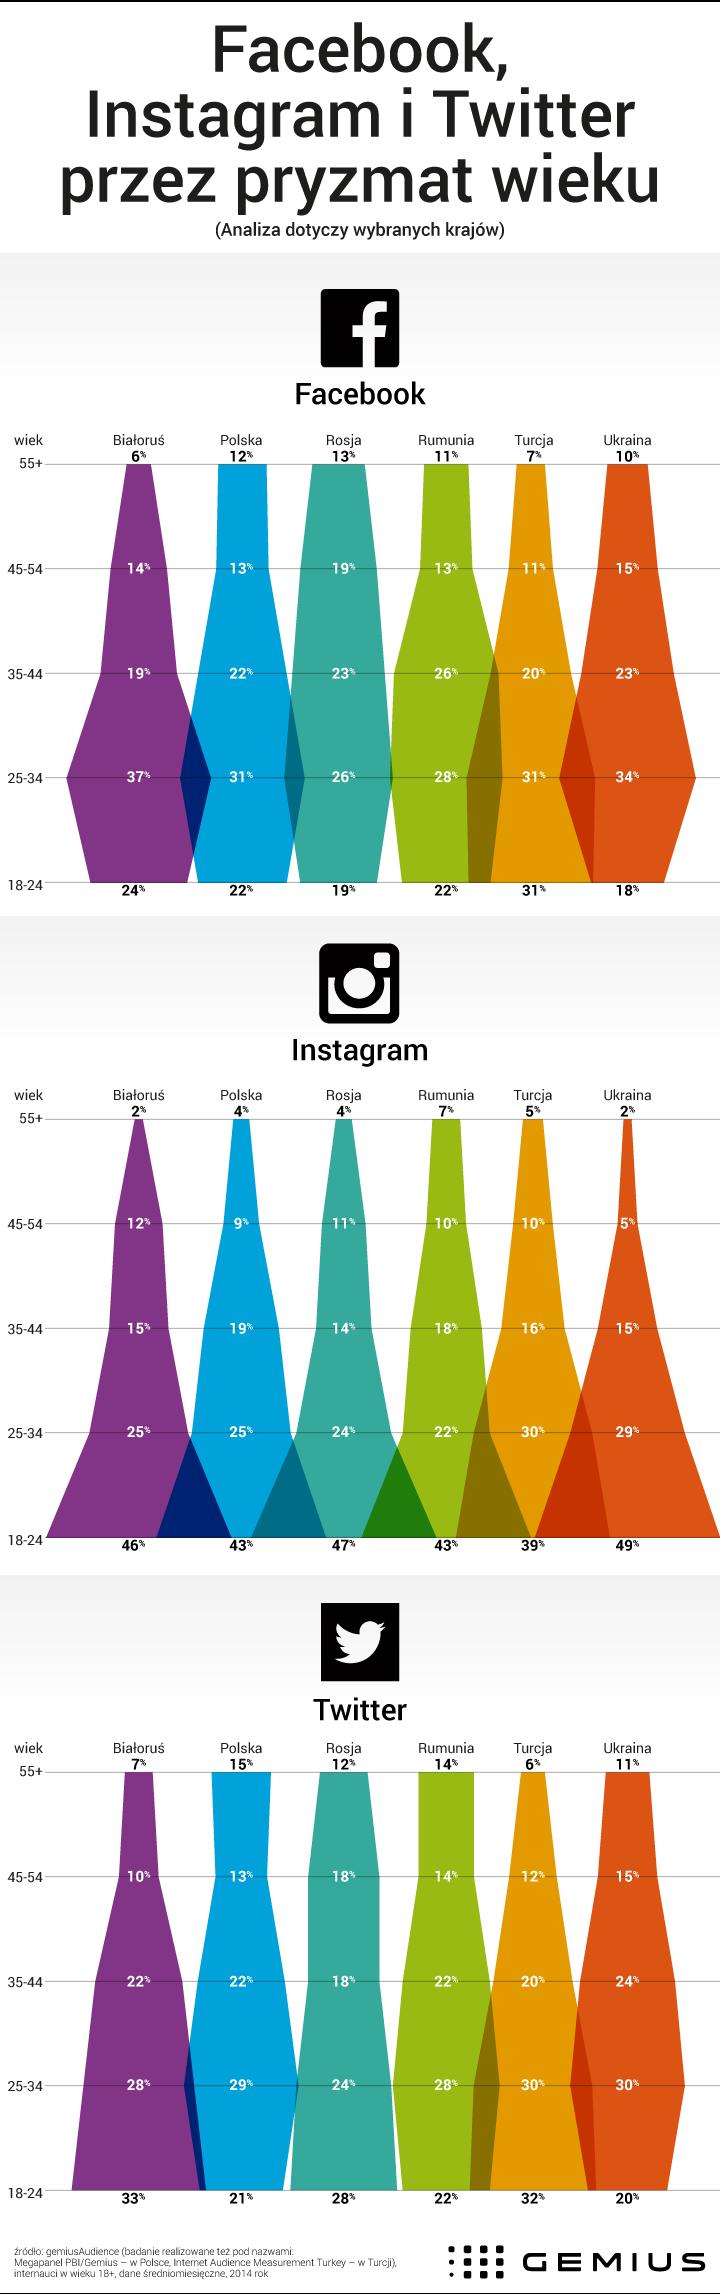 Media Spolecznosciowe Przez Pryzmat Wieku Uzytkownikow Social Media Media Marketing Statistics